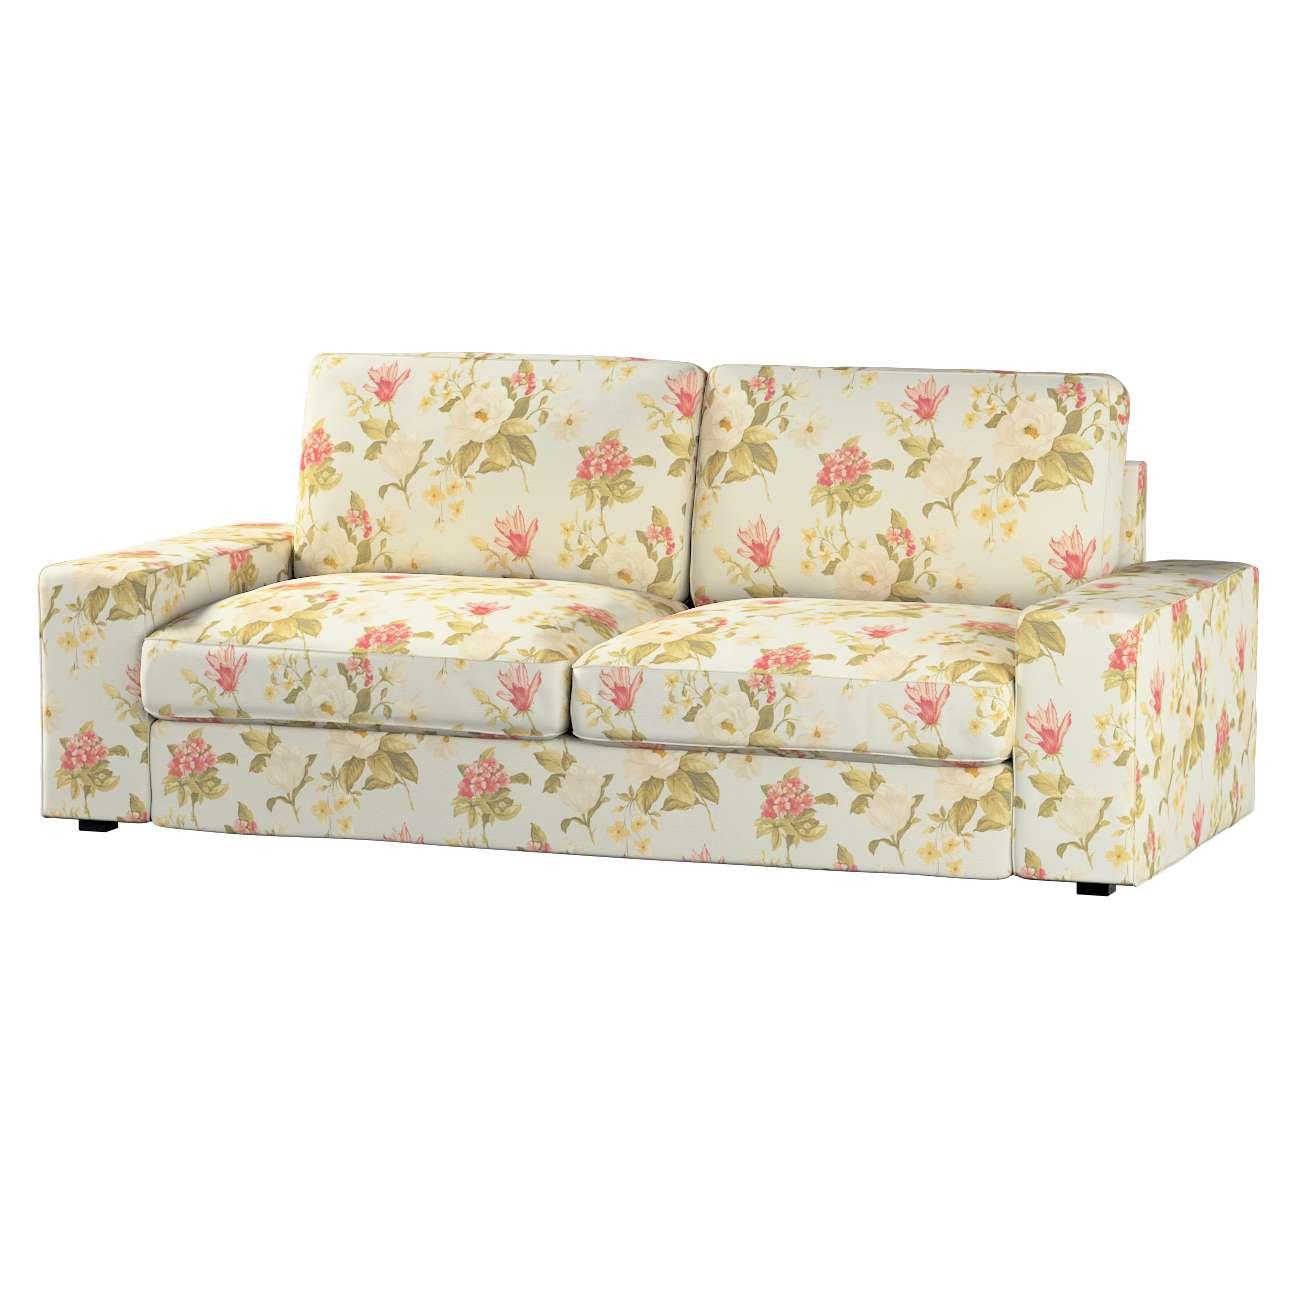 Pokrowiec na sofę Kivik 3-osobową, rozkładaną Sofa Kivik 3-osobowa rozkładana w kolekcji Londres, tkanina: 123-65